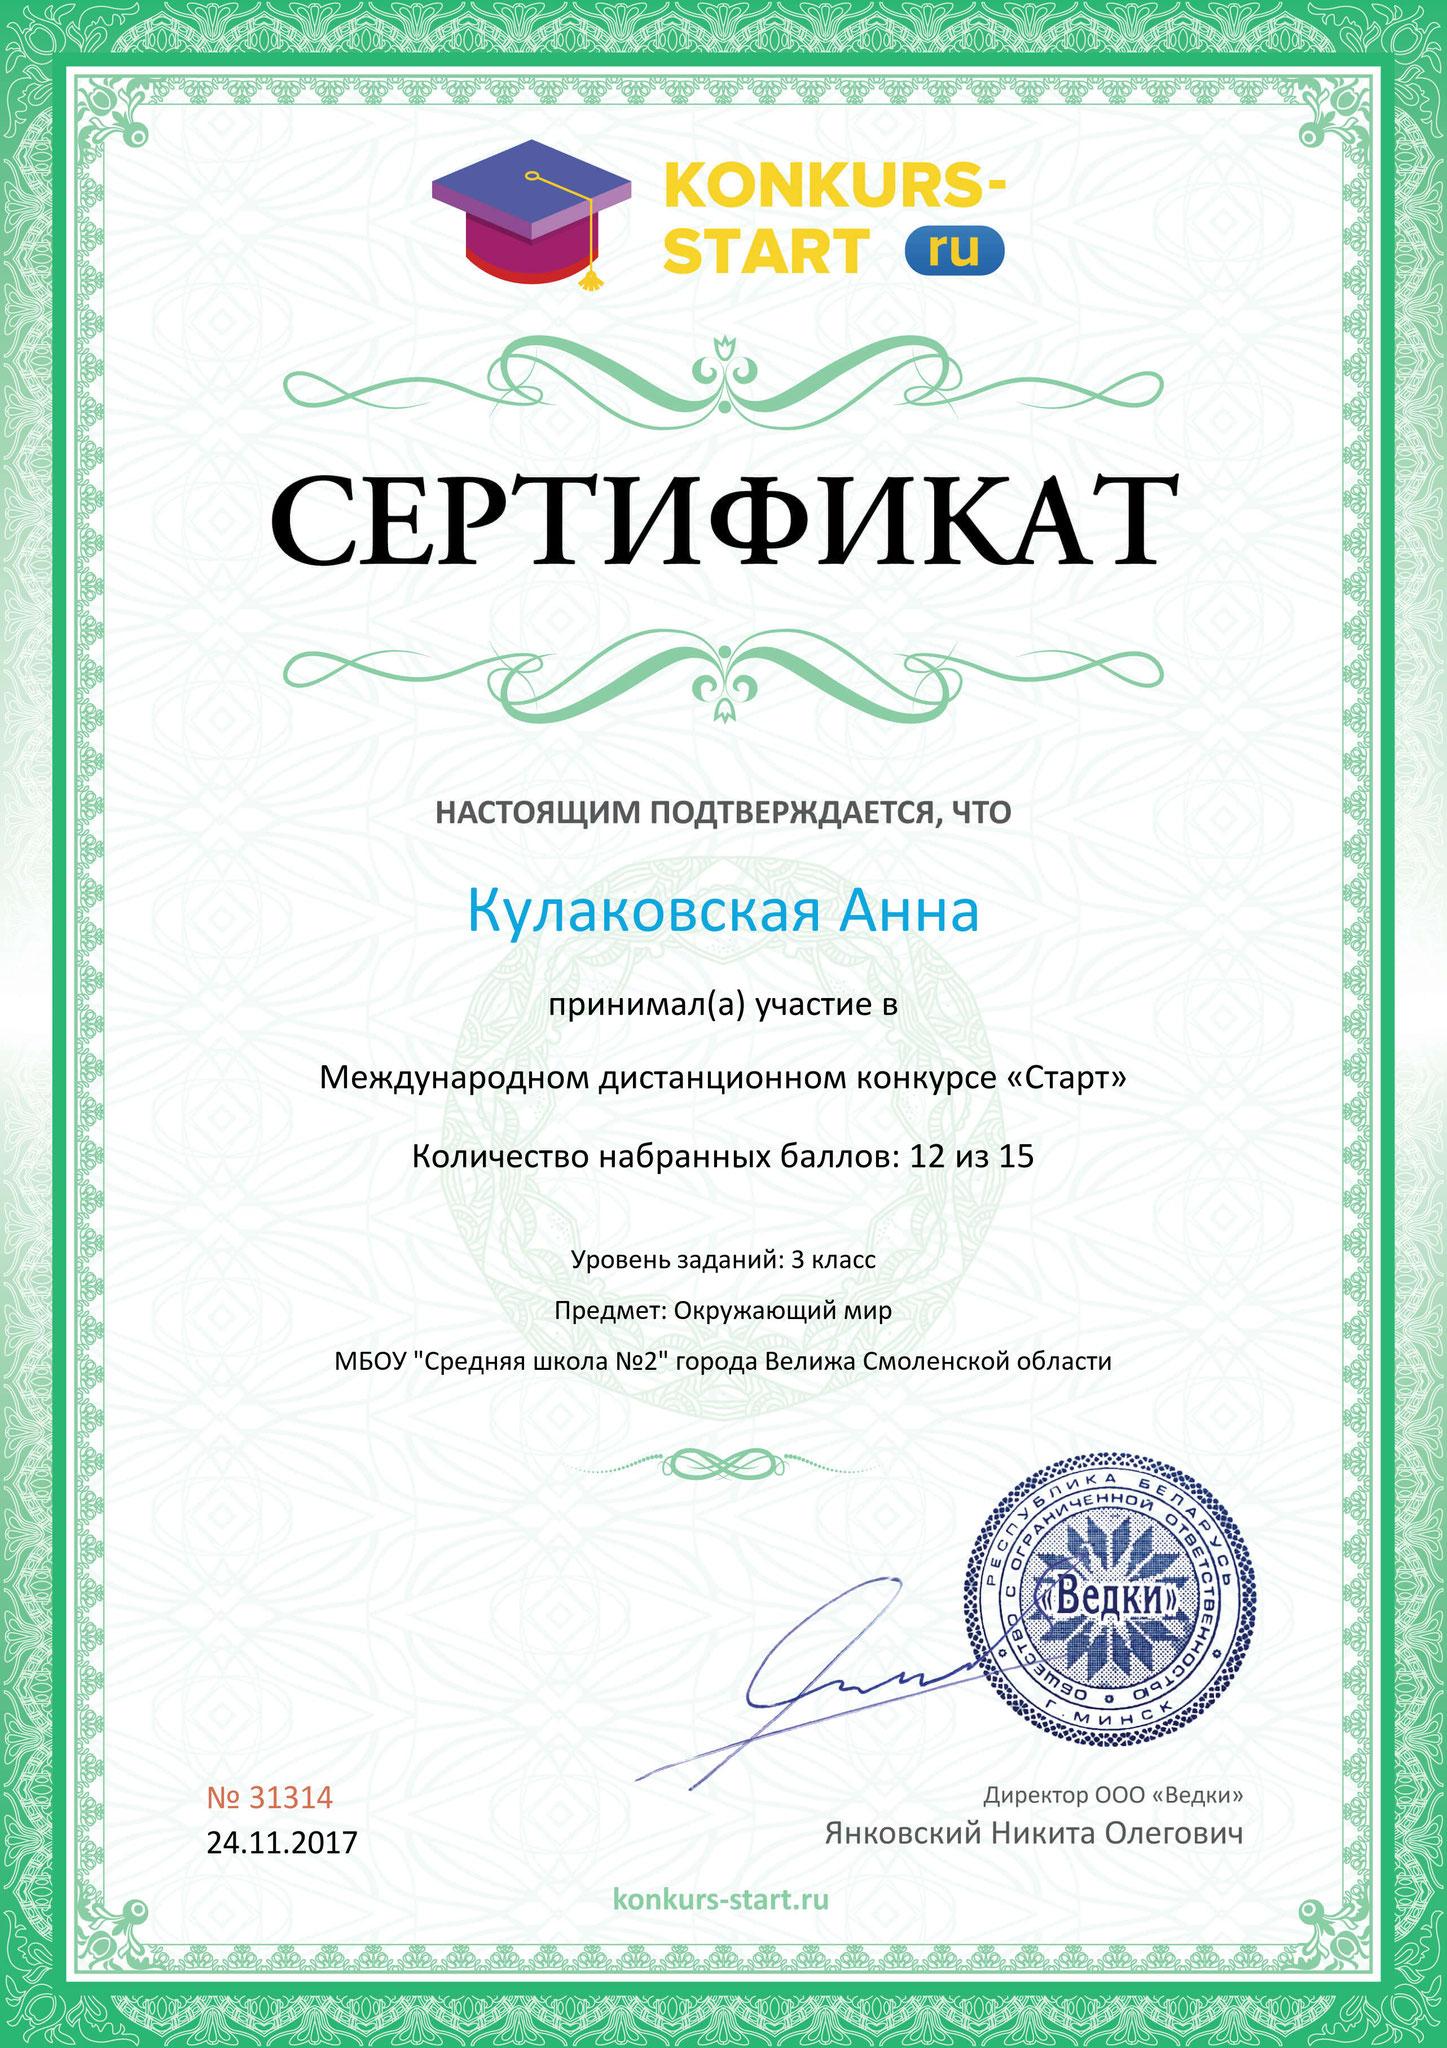 Кулаковская Анна